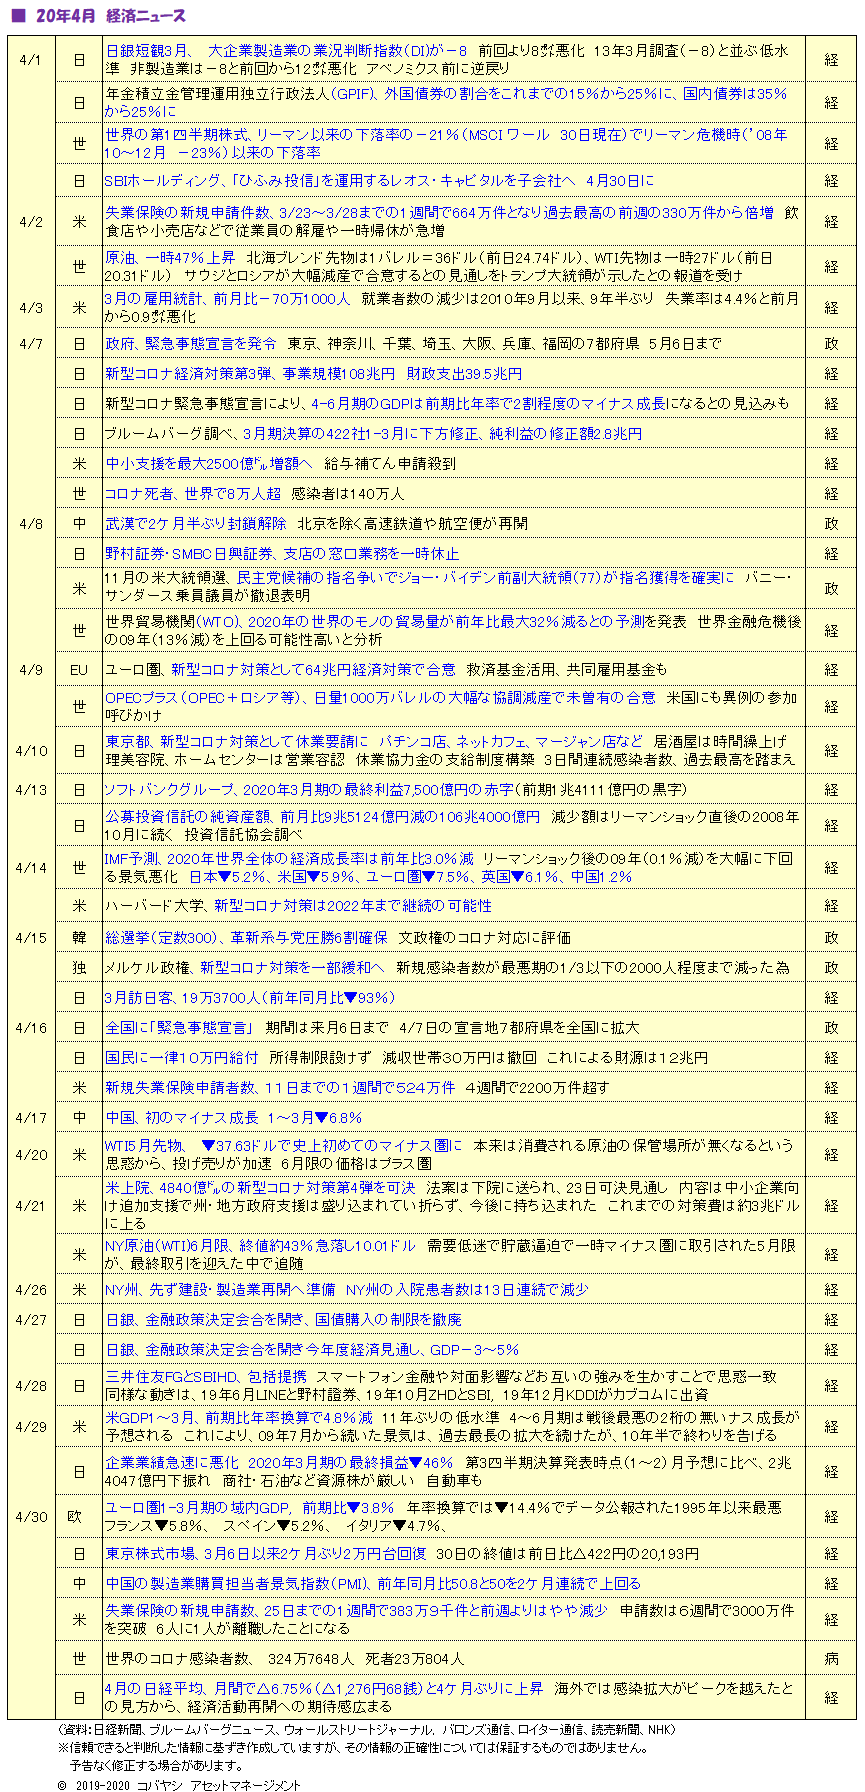 '2004_経済ニュース